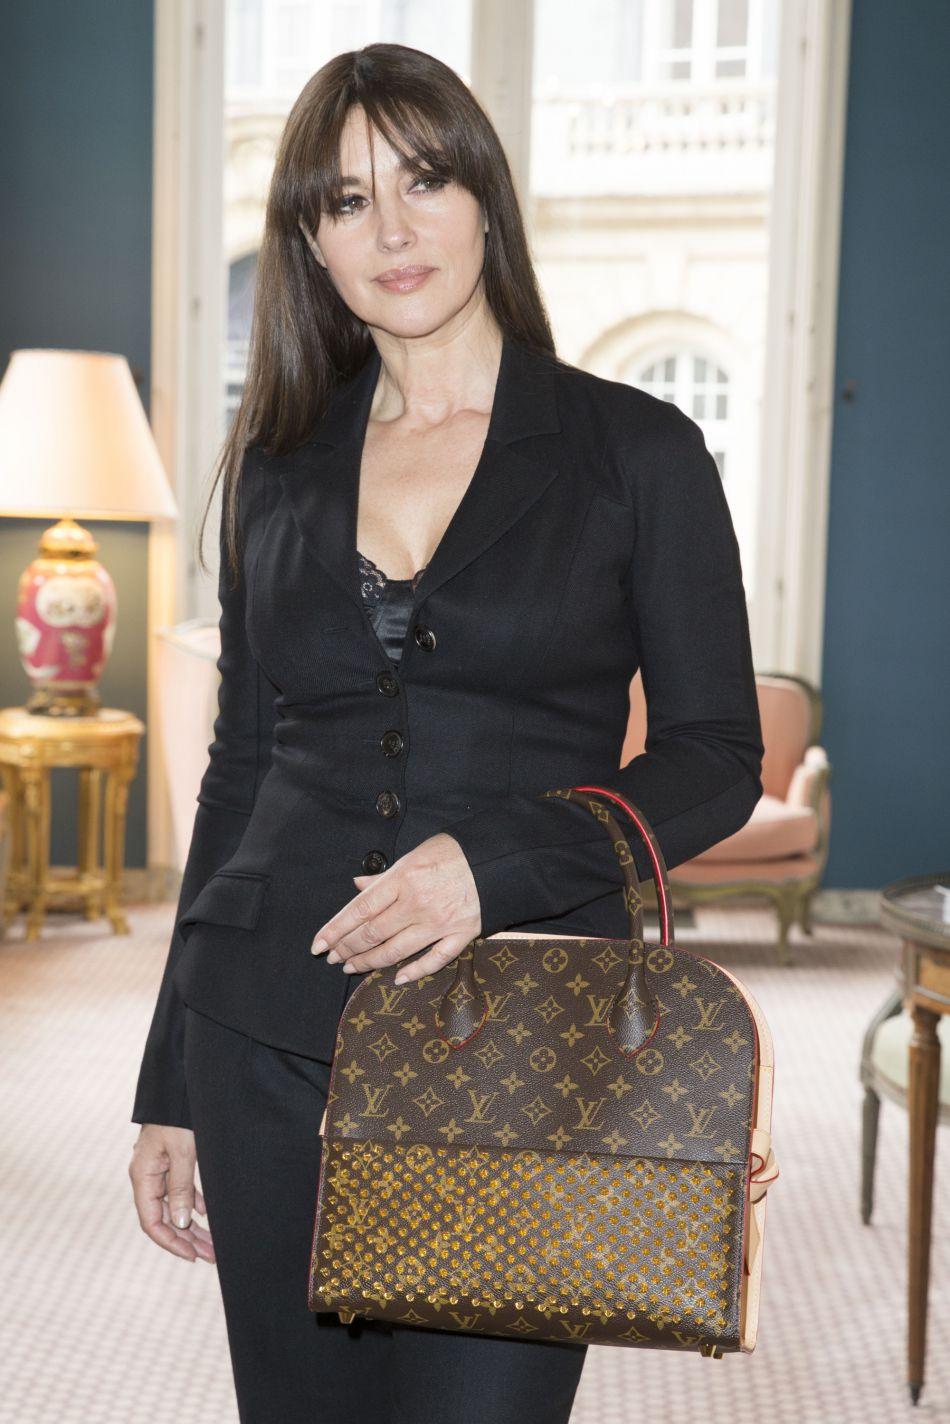 Monica Bellucci assure que son rapport avec la sexualité ne cesse d'évoluer avec son âge.